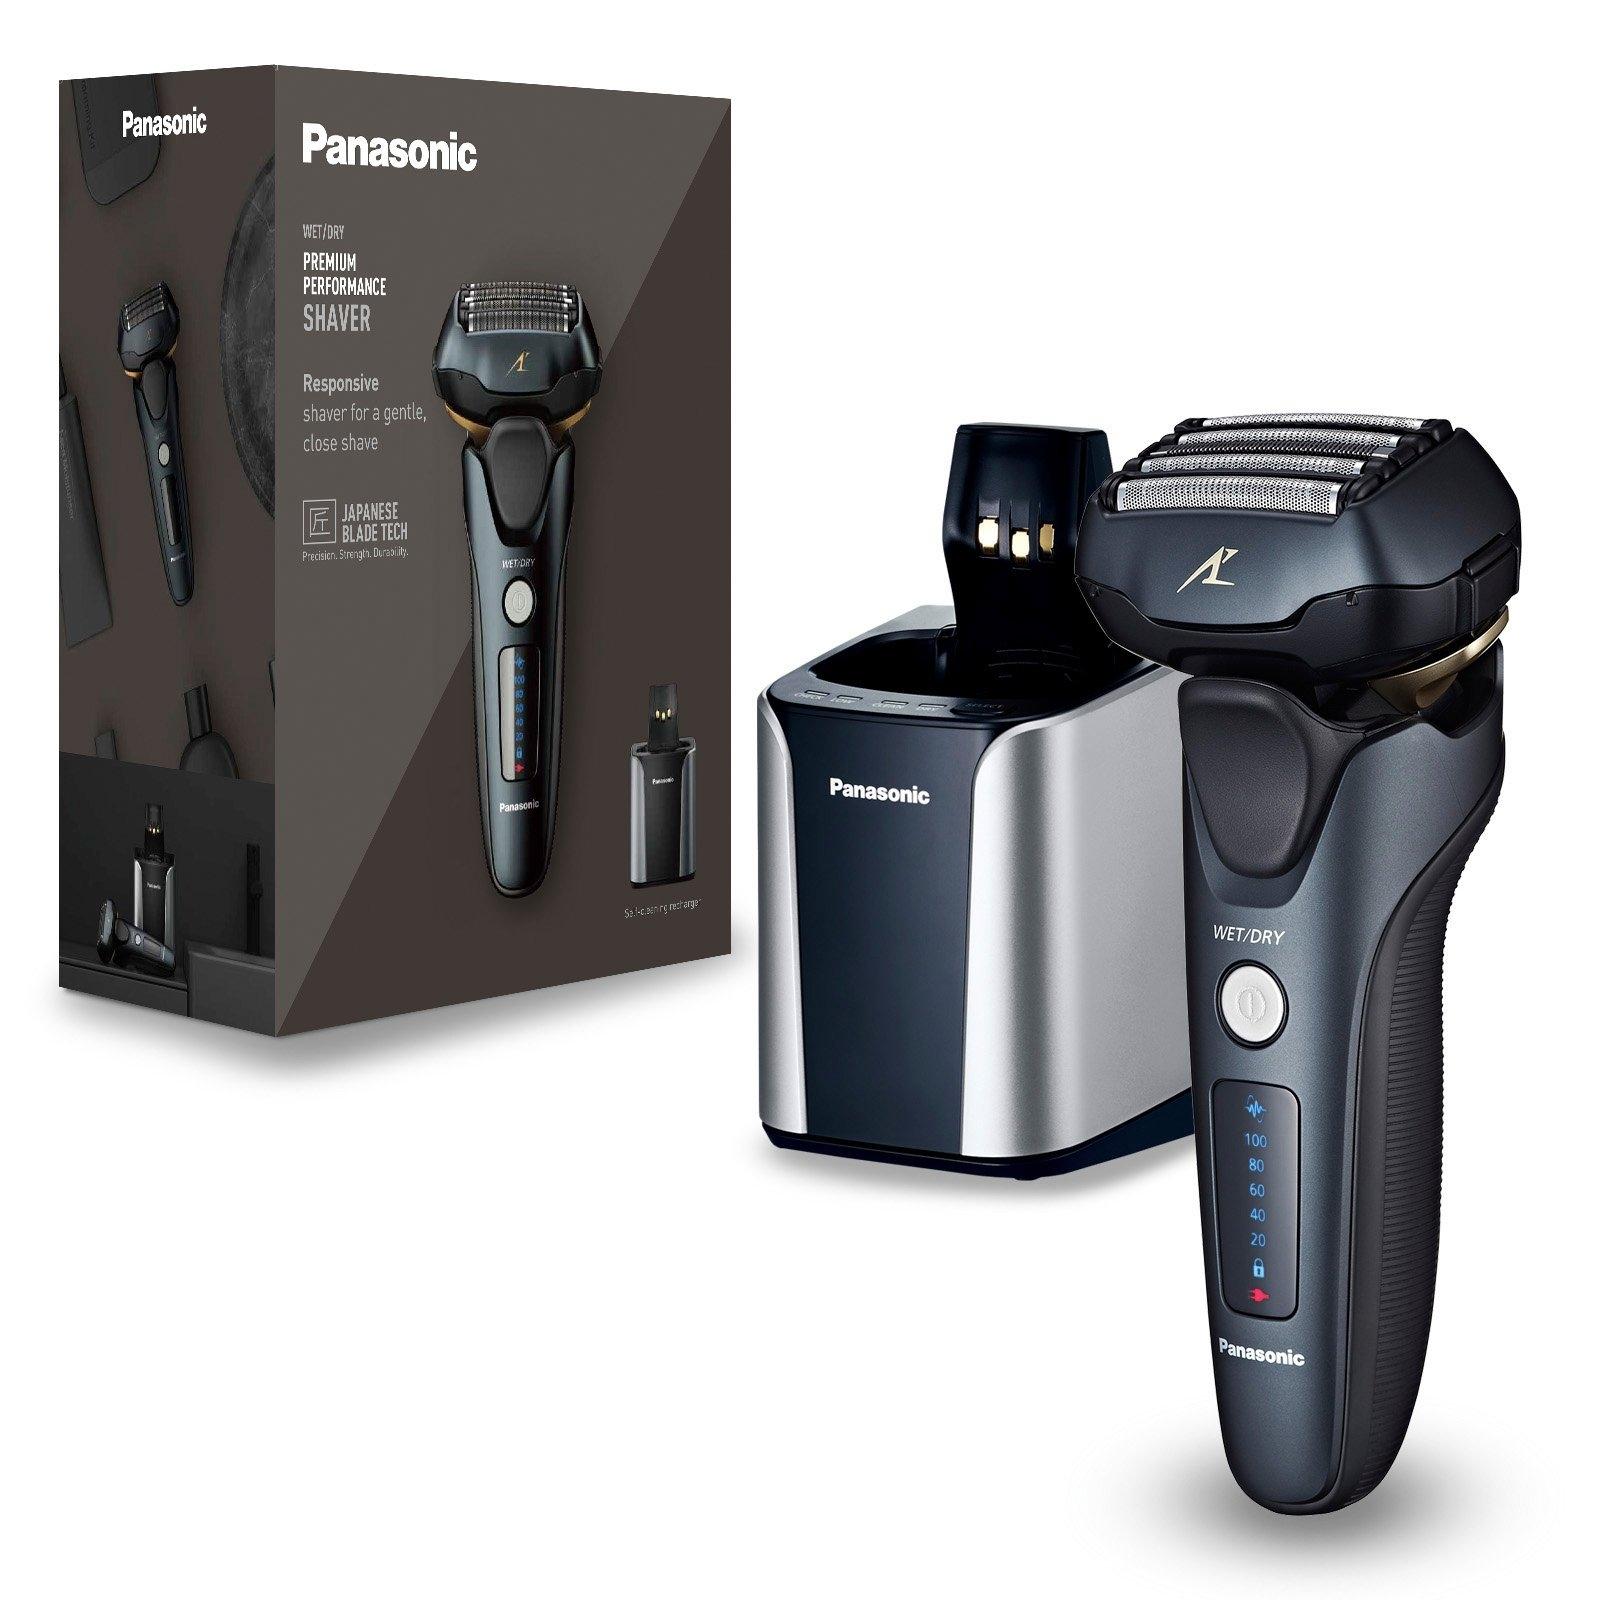 Panasonic elektrisch scheerapparaat ES-LV97-K803 Nat-droog-scheerapparaat, vijfvoudige scheerkop met lineaire motor, inclusief reinigings-& oplaadstation bestellen: 30 dagen bedenktijd